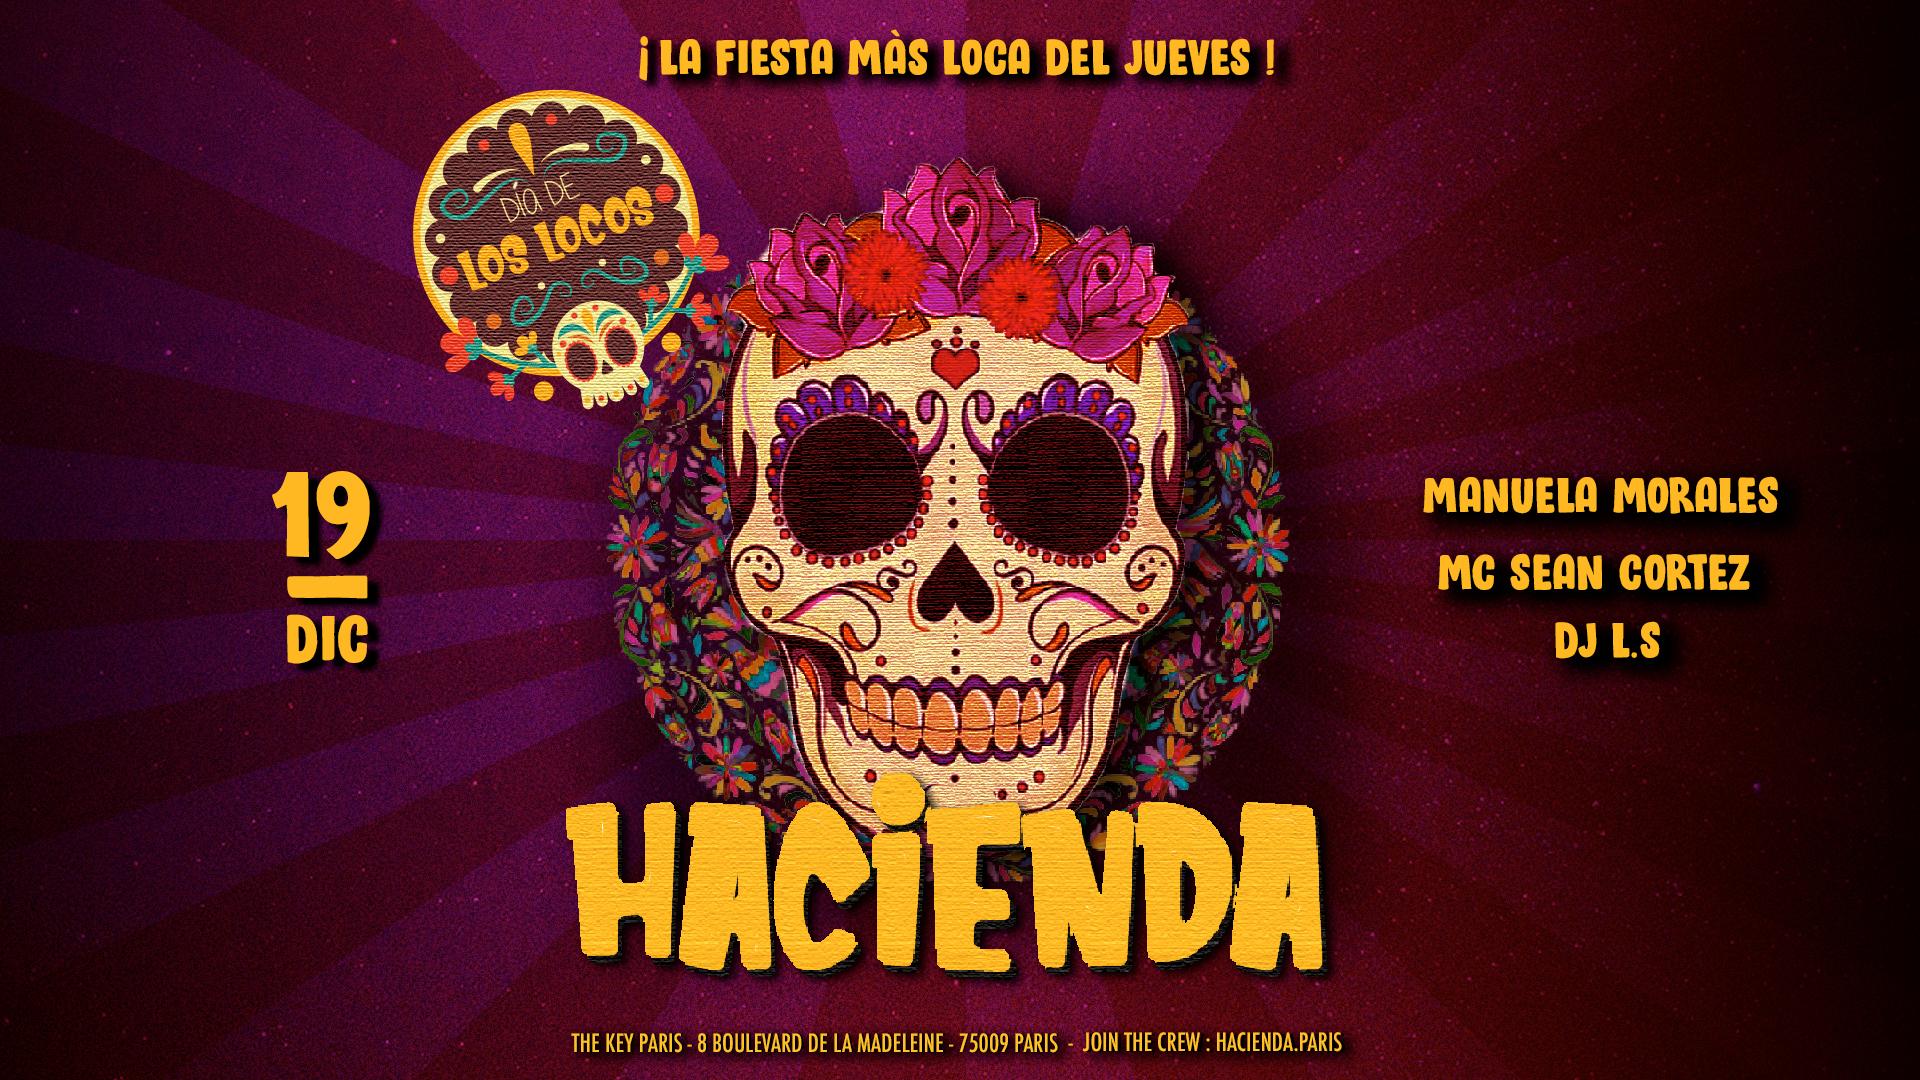 Hacienda presenta : El día de los Locos ᚕ Jueves 19 de Diciembre